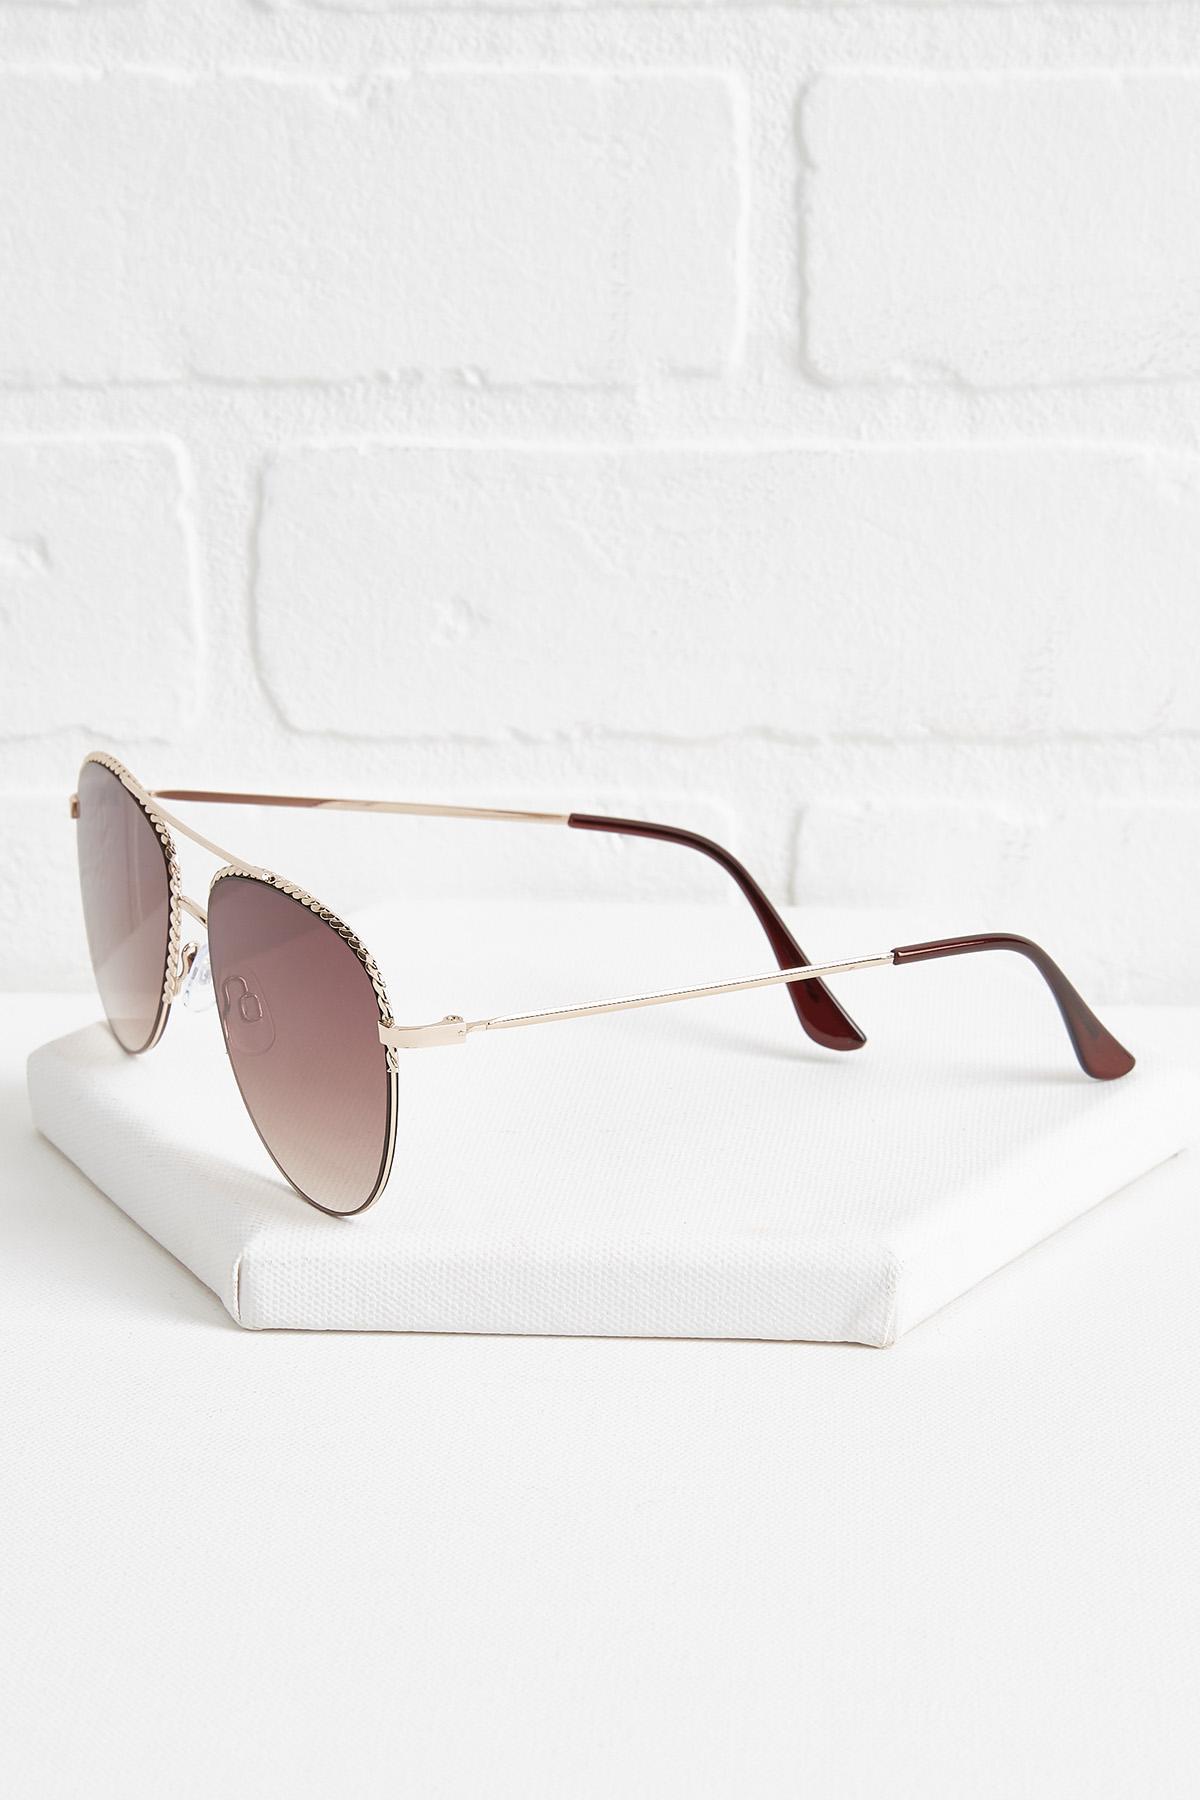 Future So Bright Sunglasses